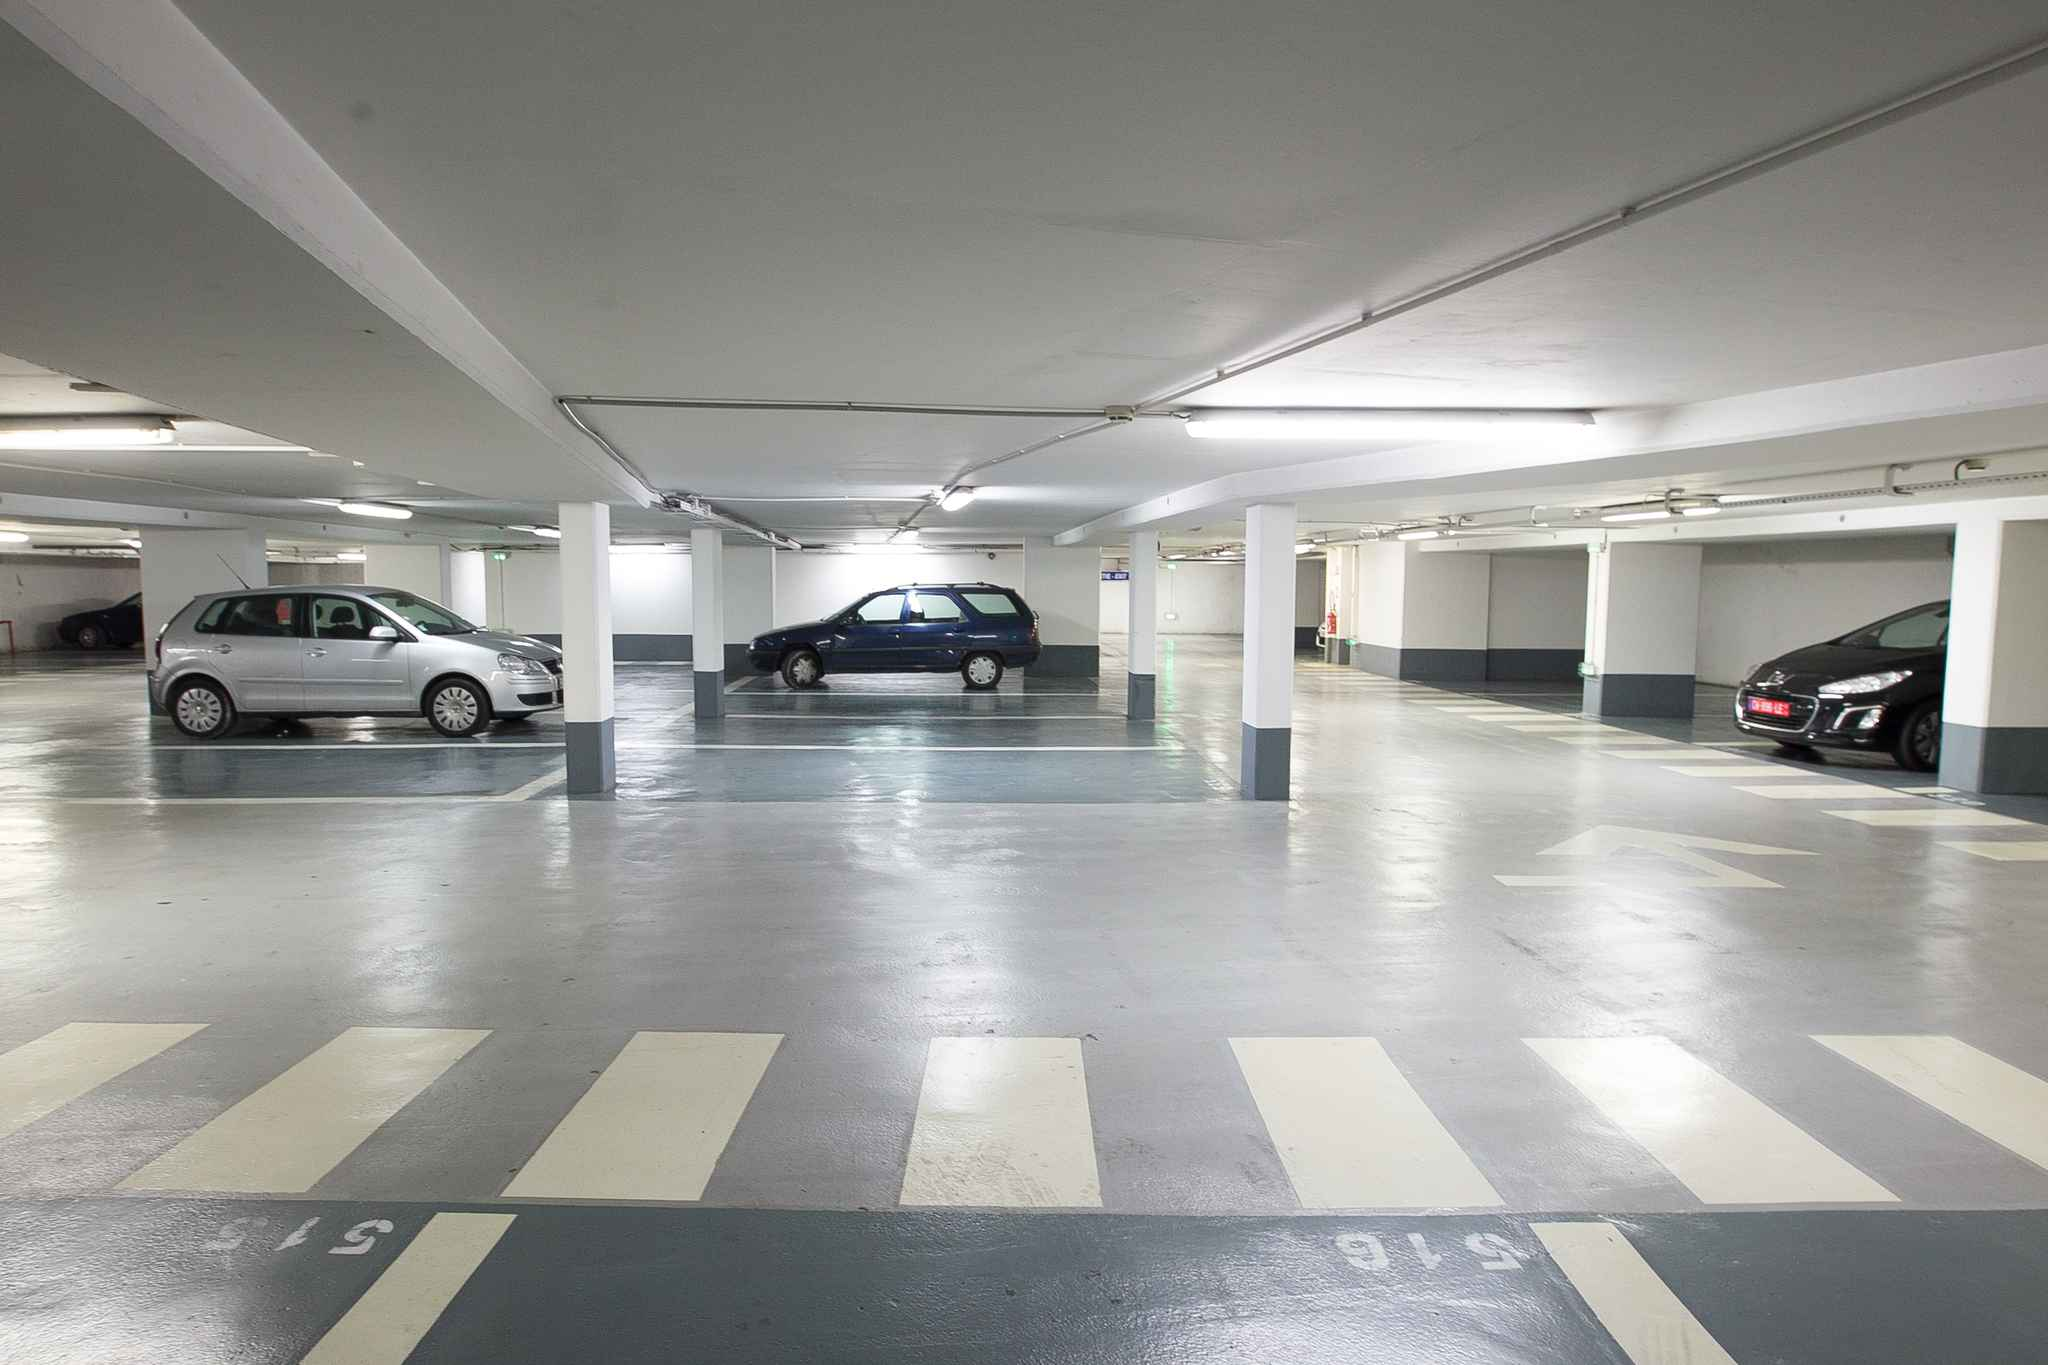 Location parking : un sérieux problème